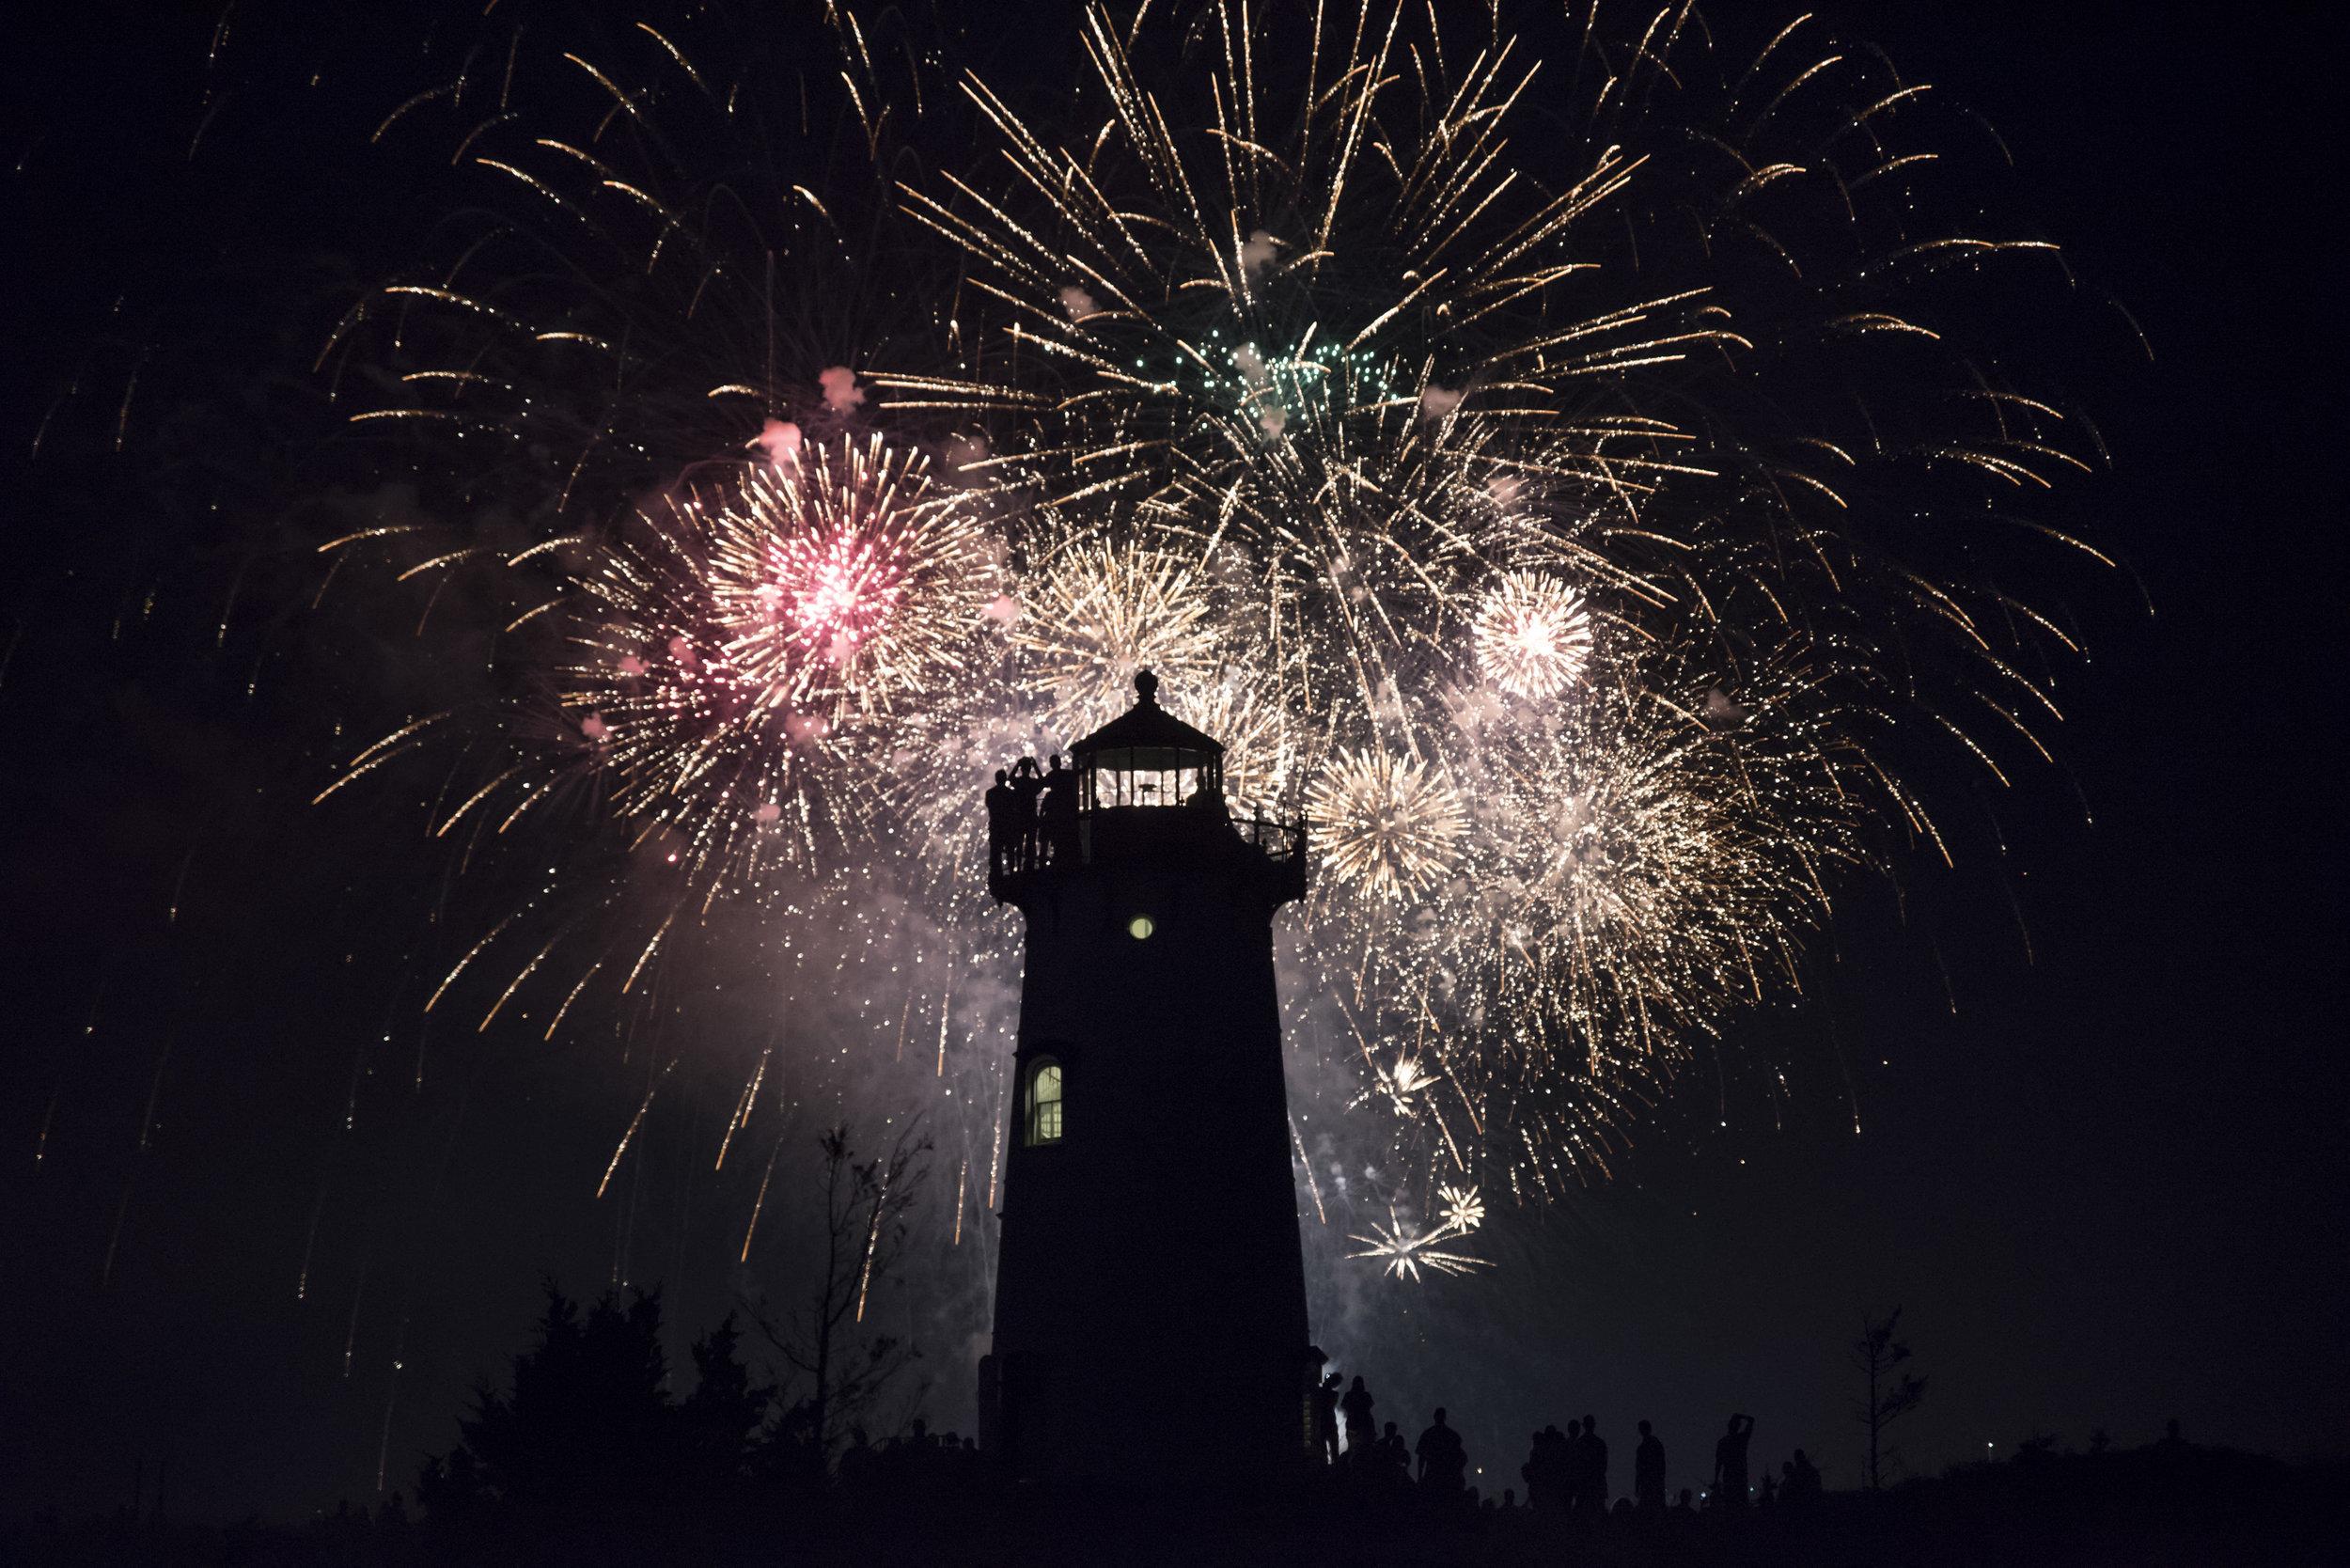 Fireworks explode behind the Edgartown Light House in Edgartown, Massachusetts.